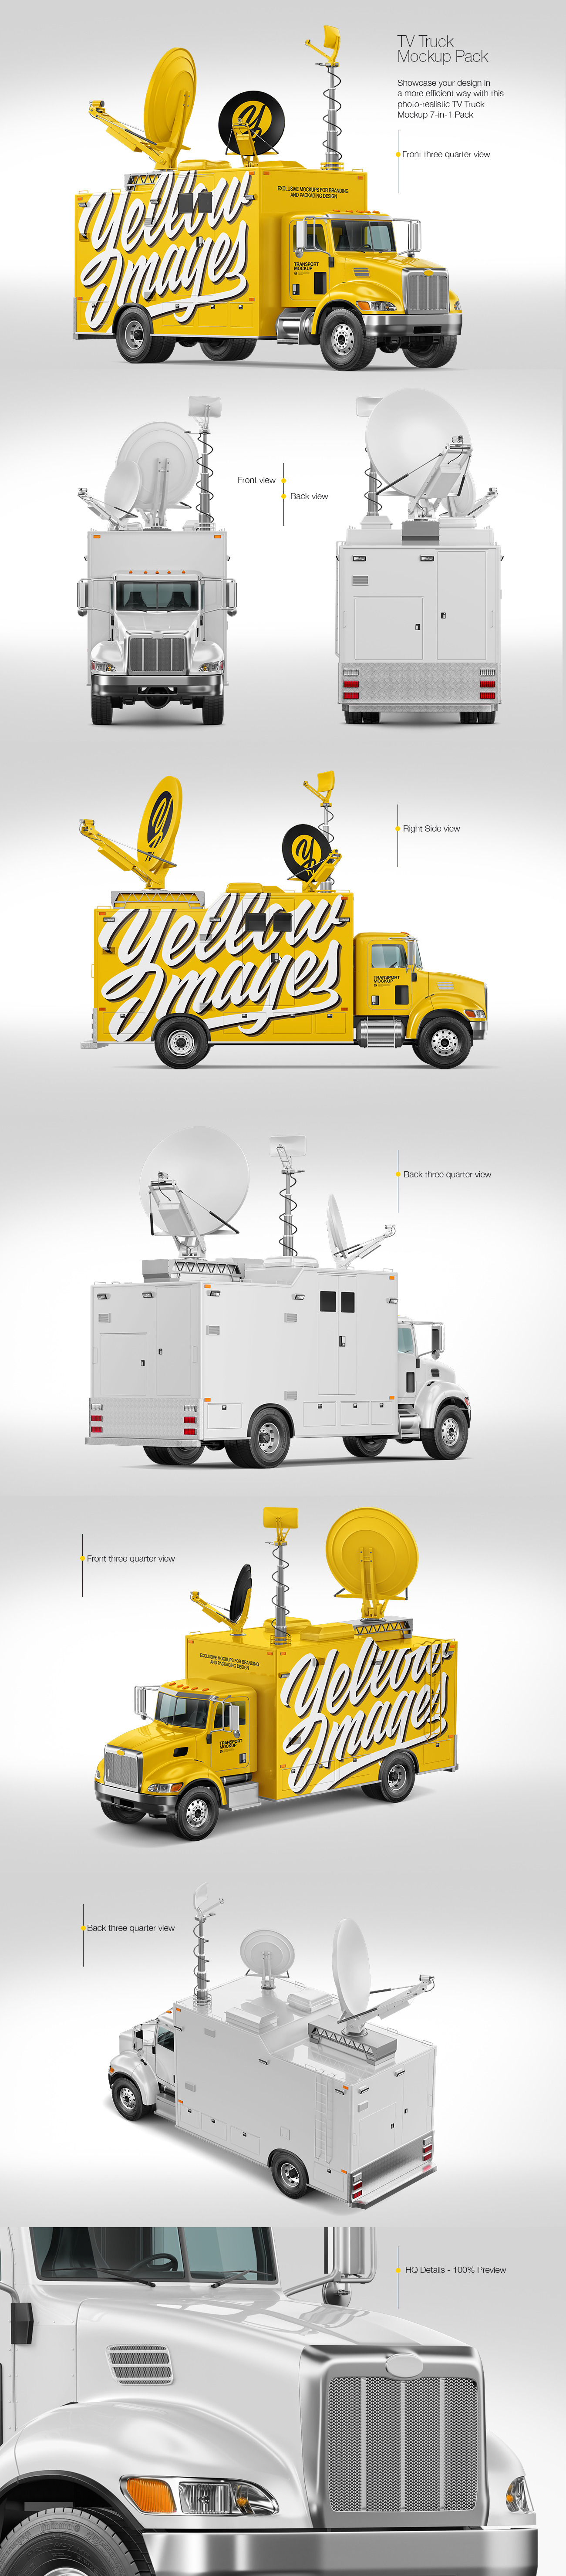 7款电视台采访卡车车身广告设计展示样机 TV Truck Mockup Pack插图